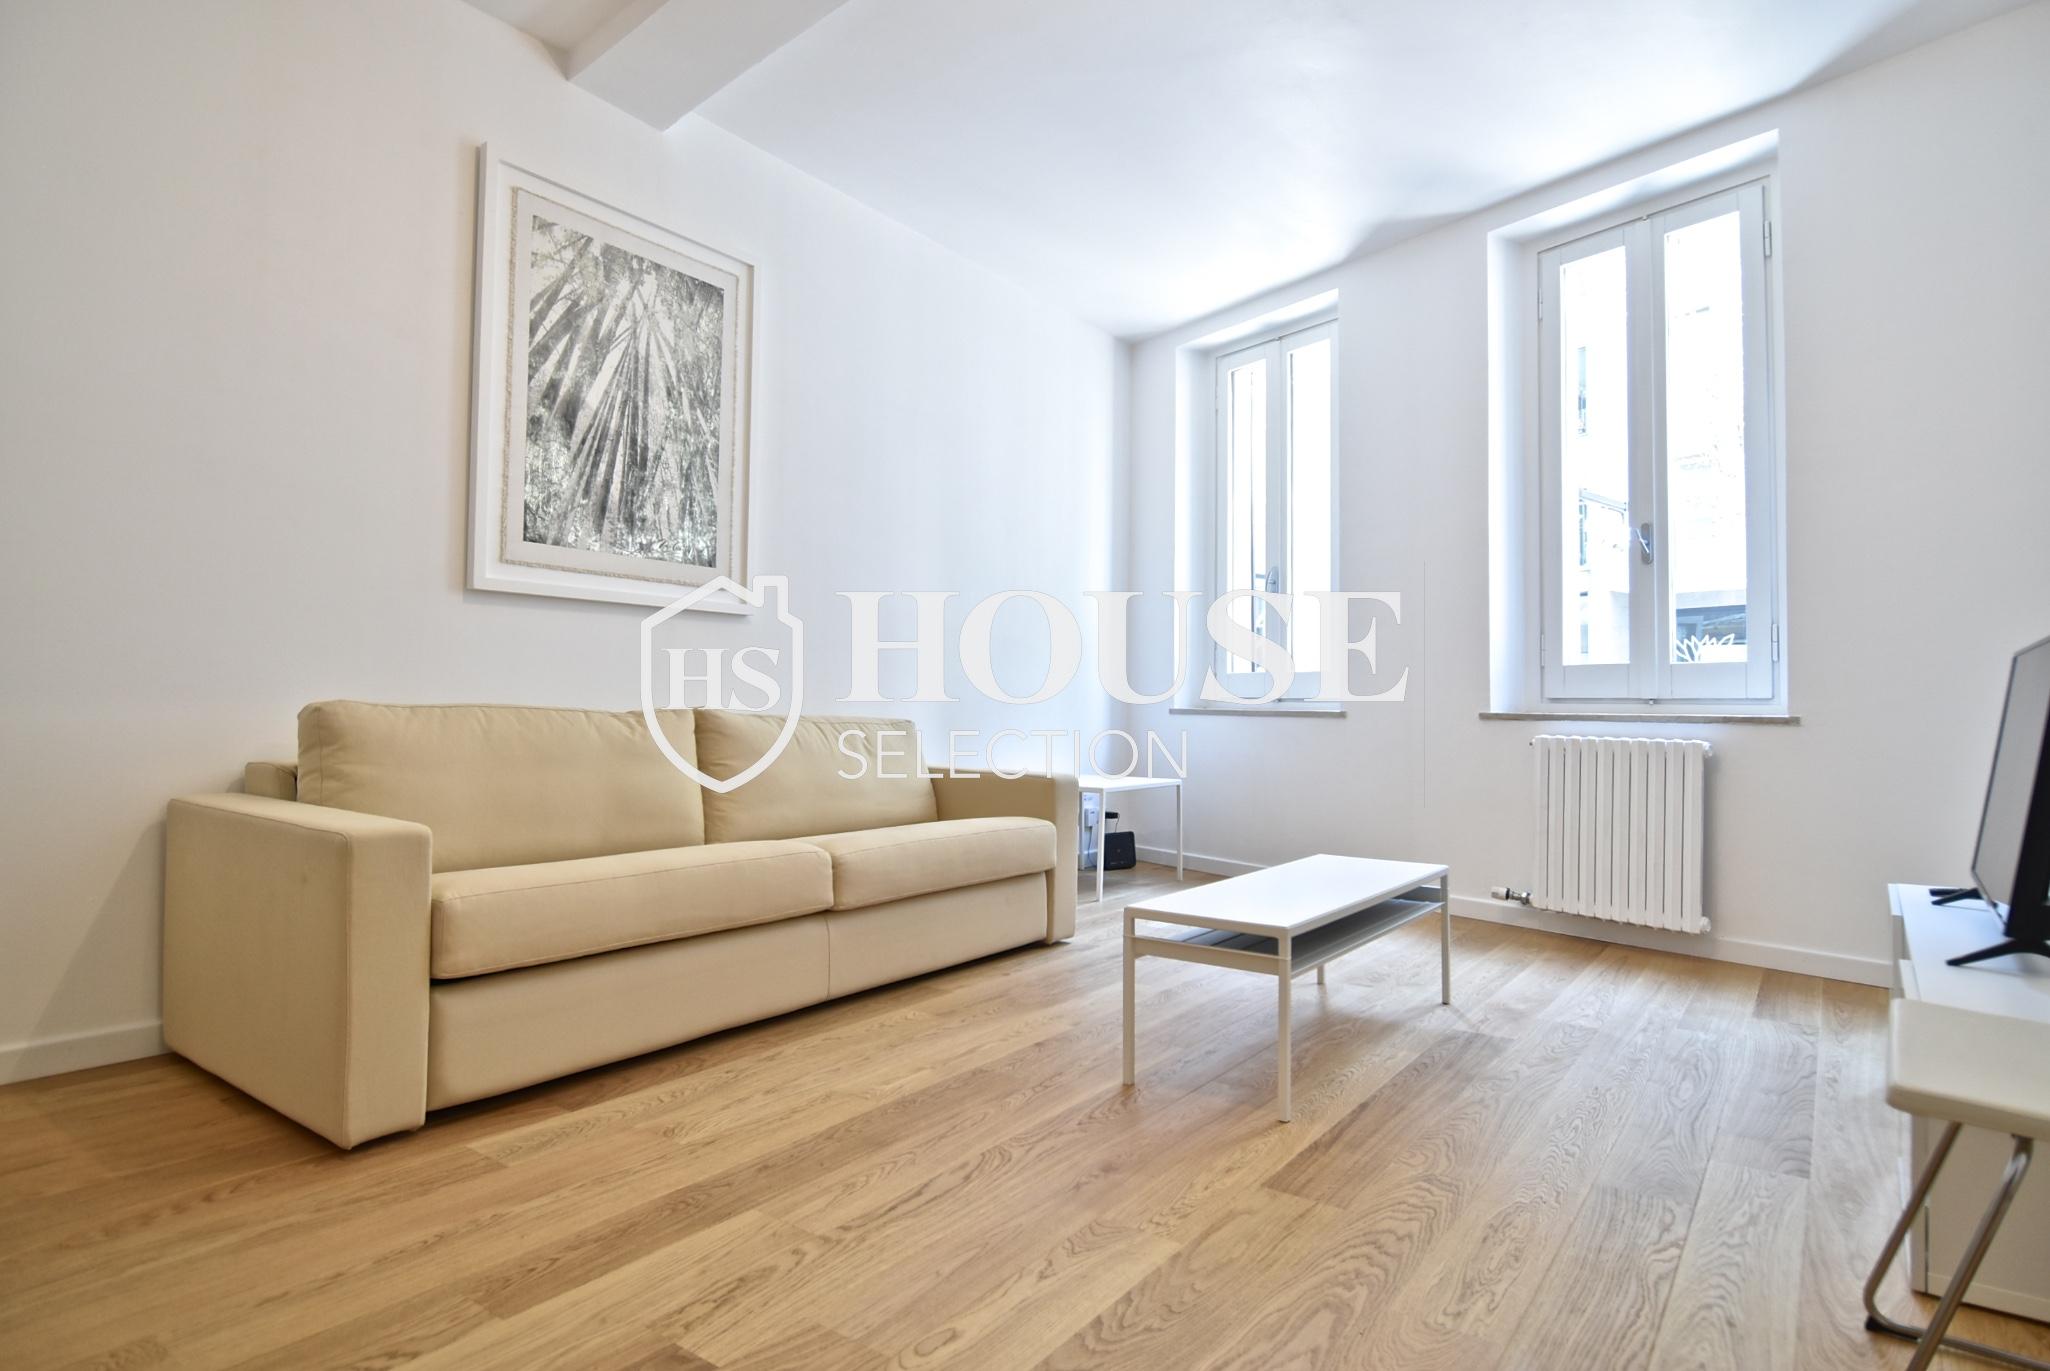 Affitto ampio bilocale Corso Garibaldi, Brera, centro Milano, ristrutturato e arredato 6